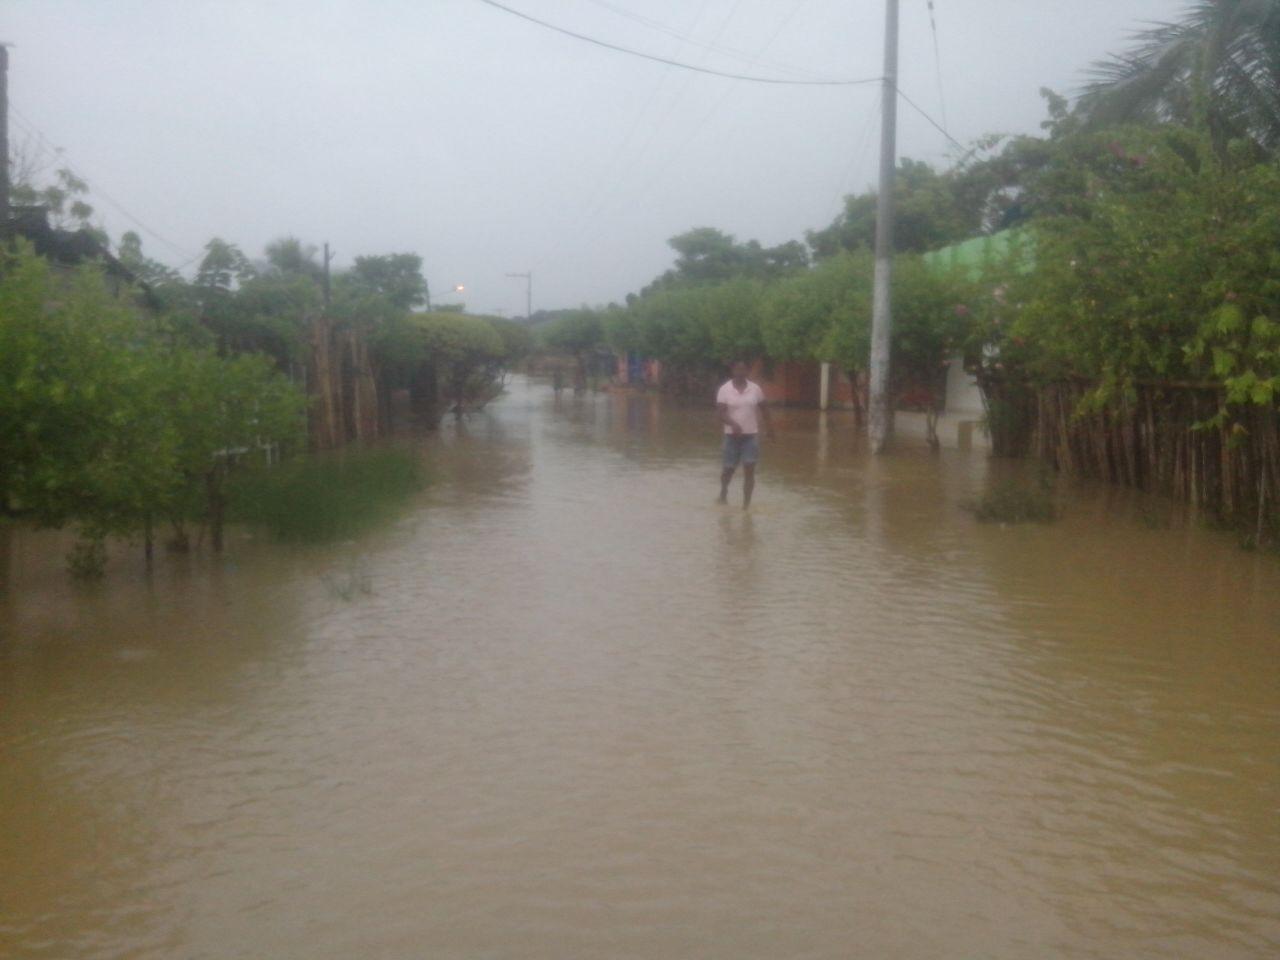 Inundación en Moñitos por lluvia de más de 8 horas